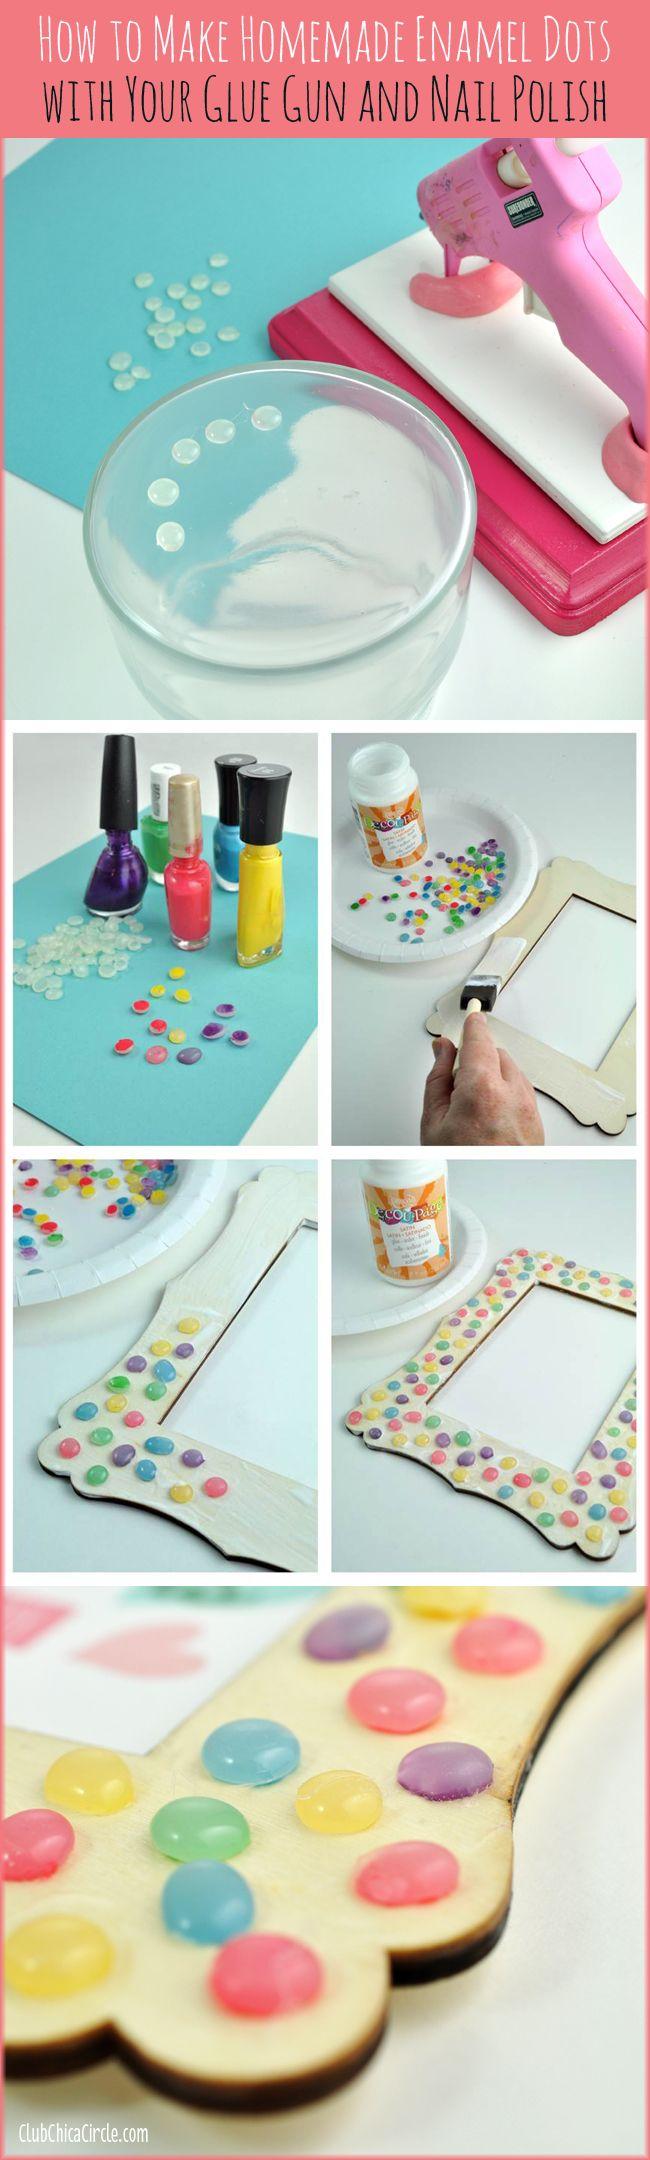 Cómo decorar con  puntos con tu pistola de pegamento caliente y barniz o esmalte para uñas